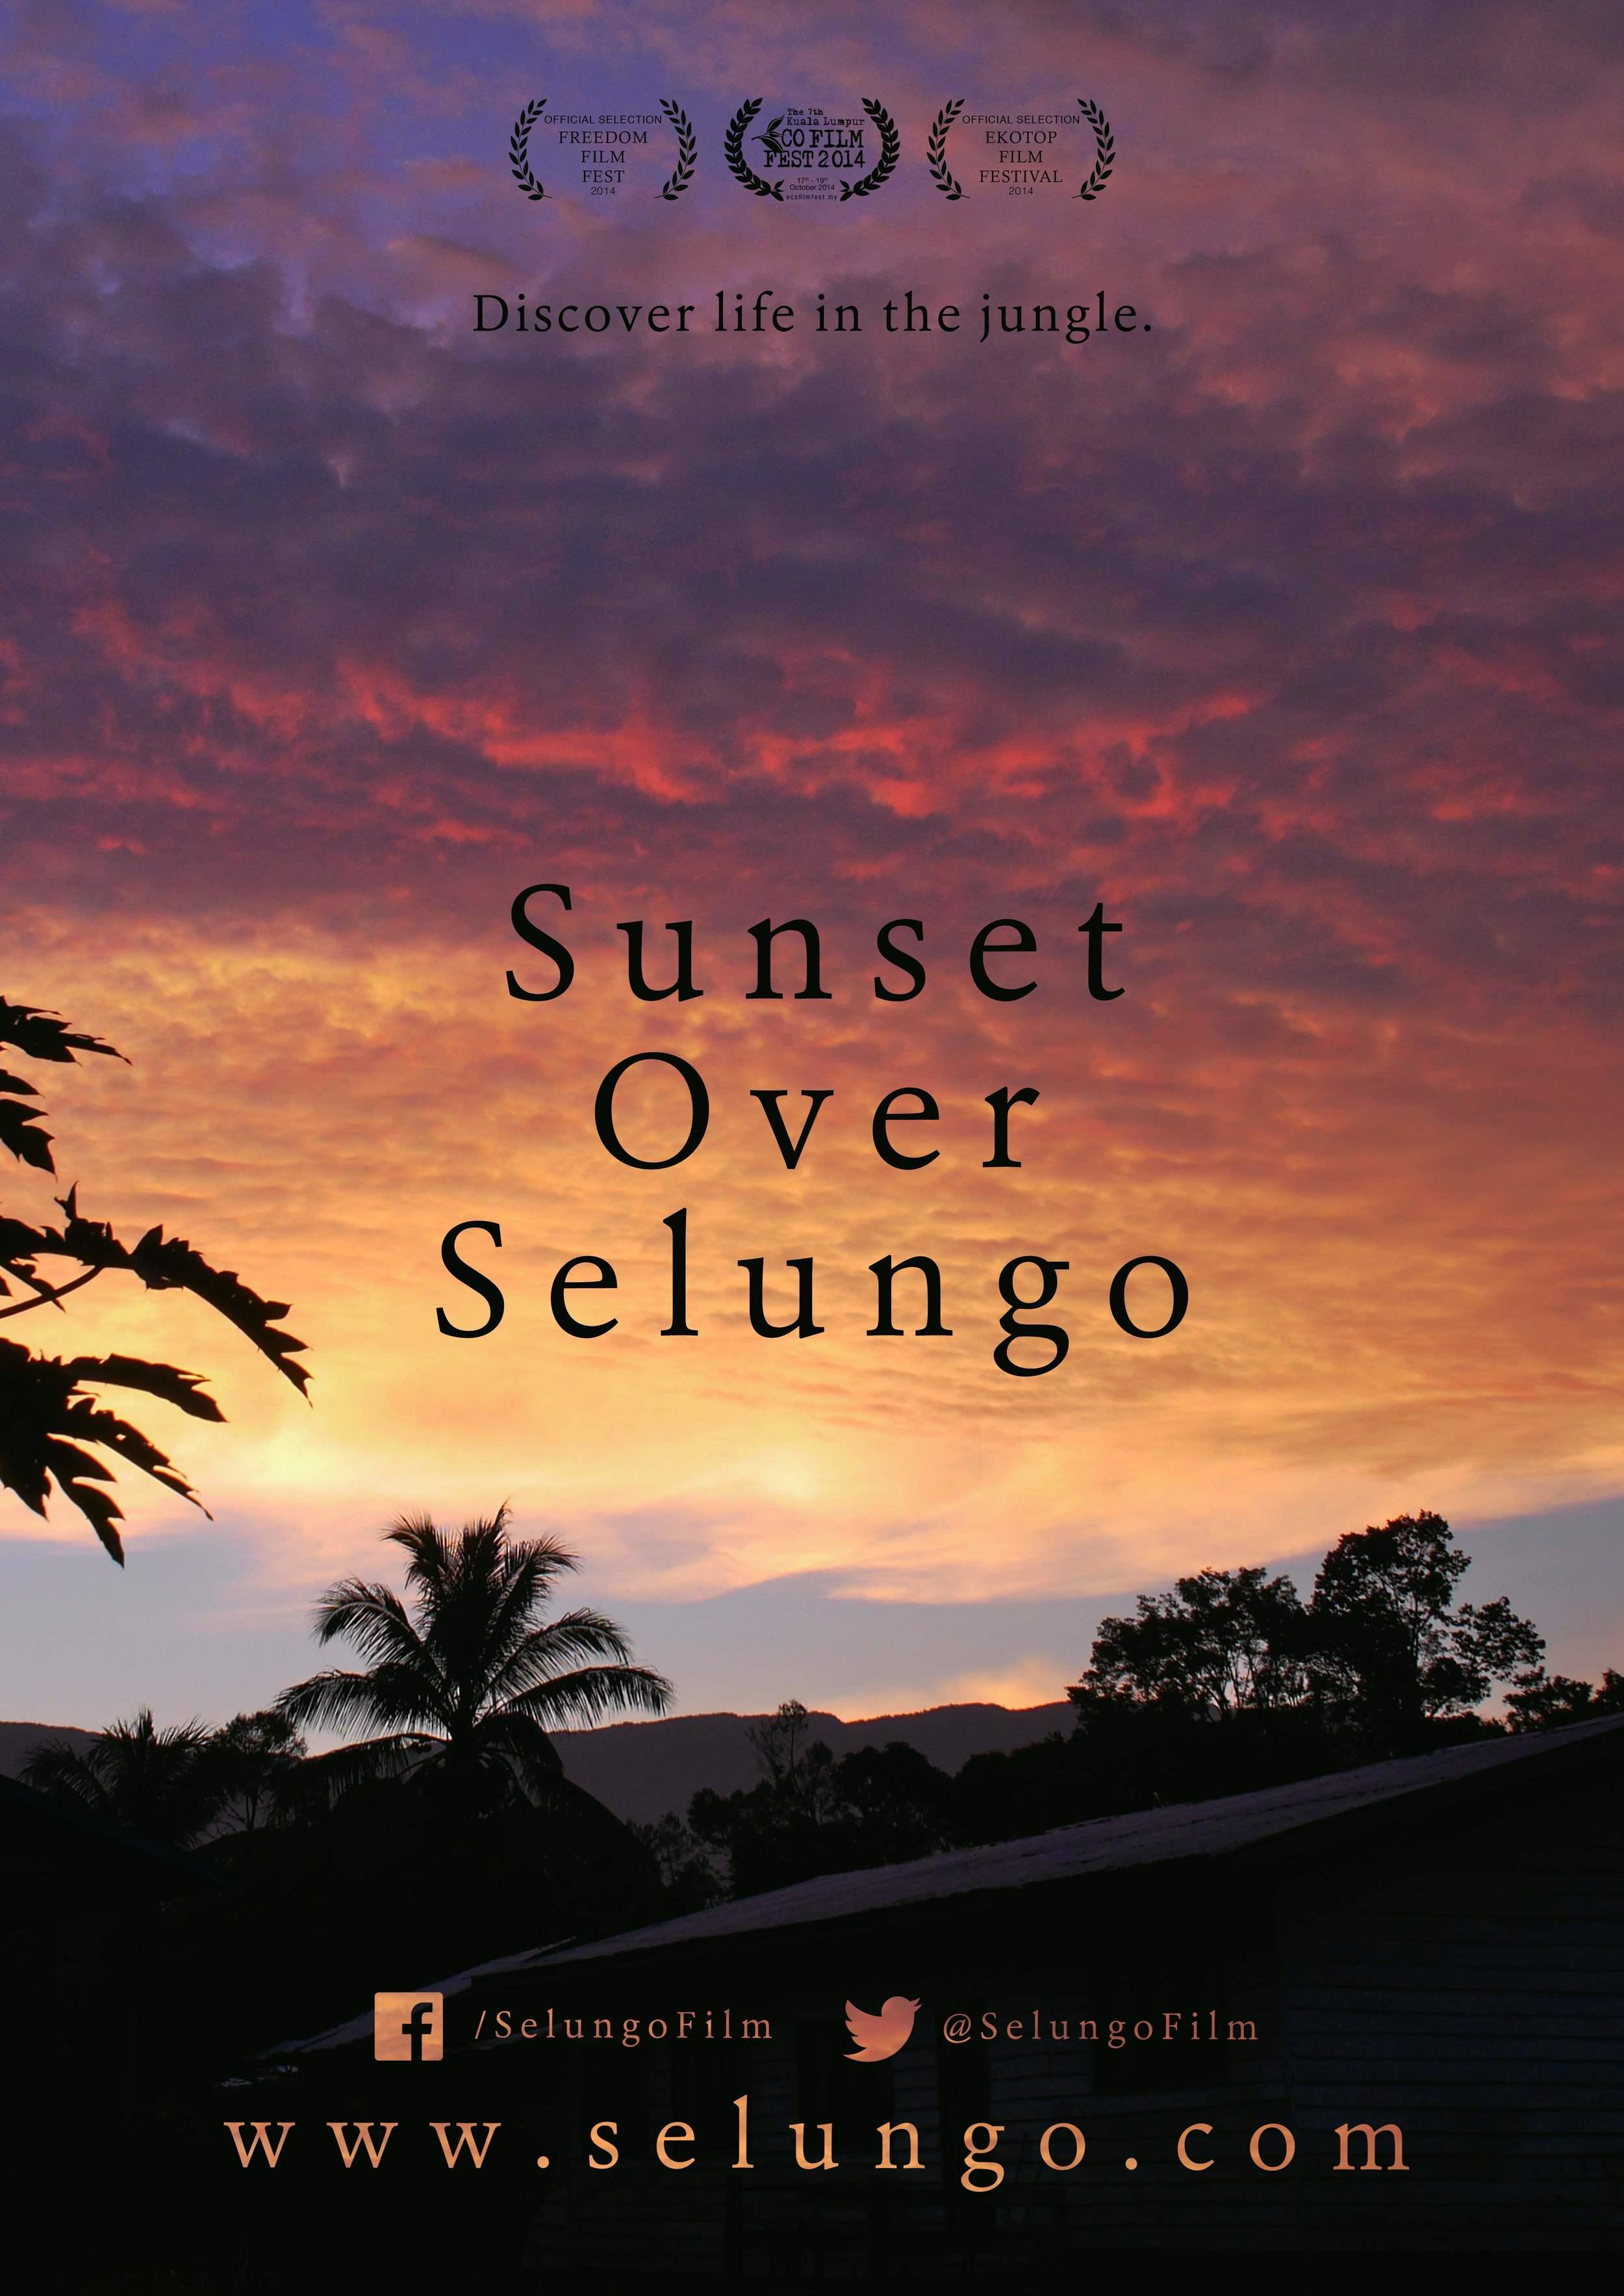 Selungo Poster kickstarter.jpg